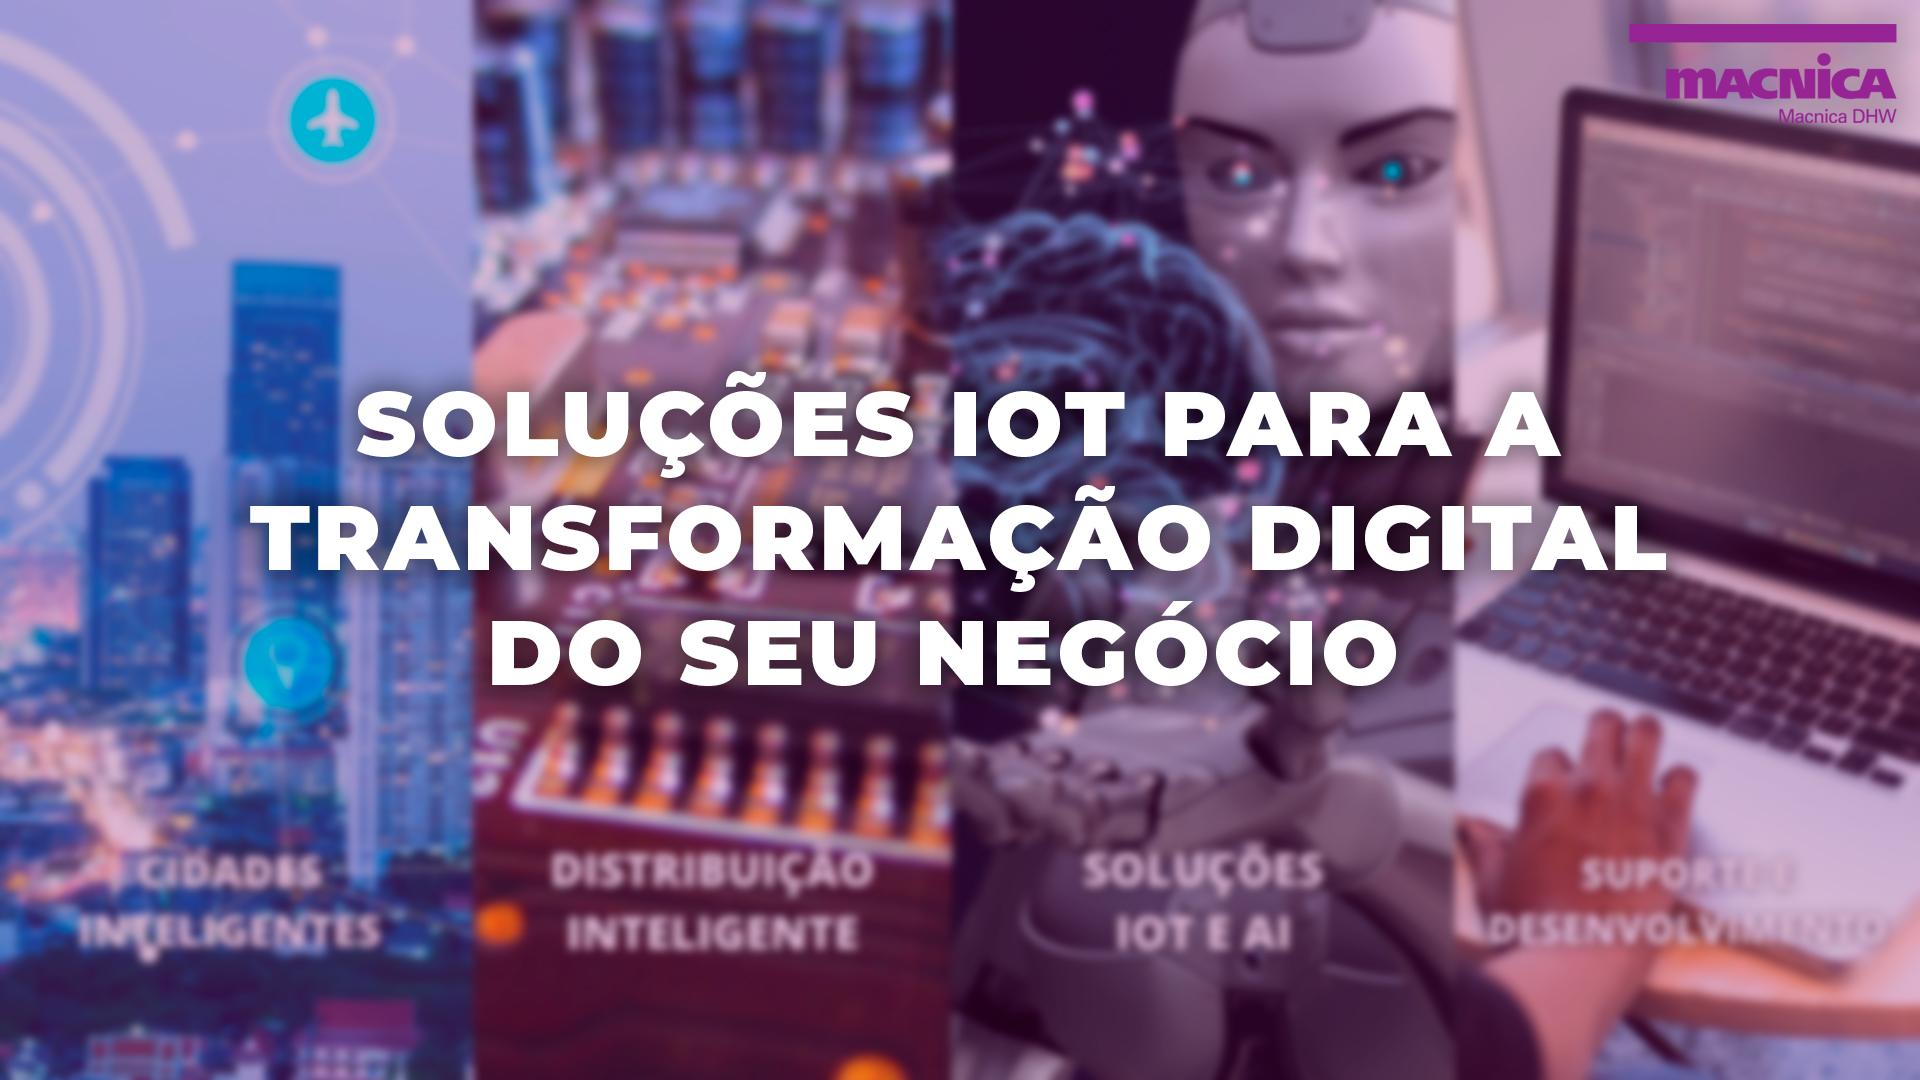 Read more about the article Soluções IoT para a transformação digital do seu negócio